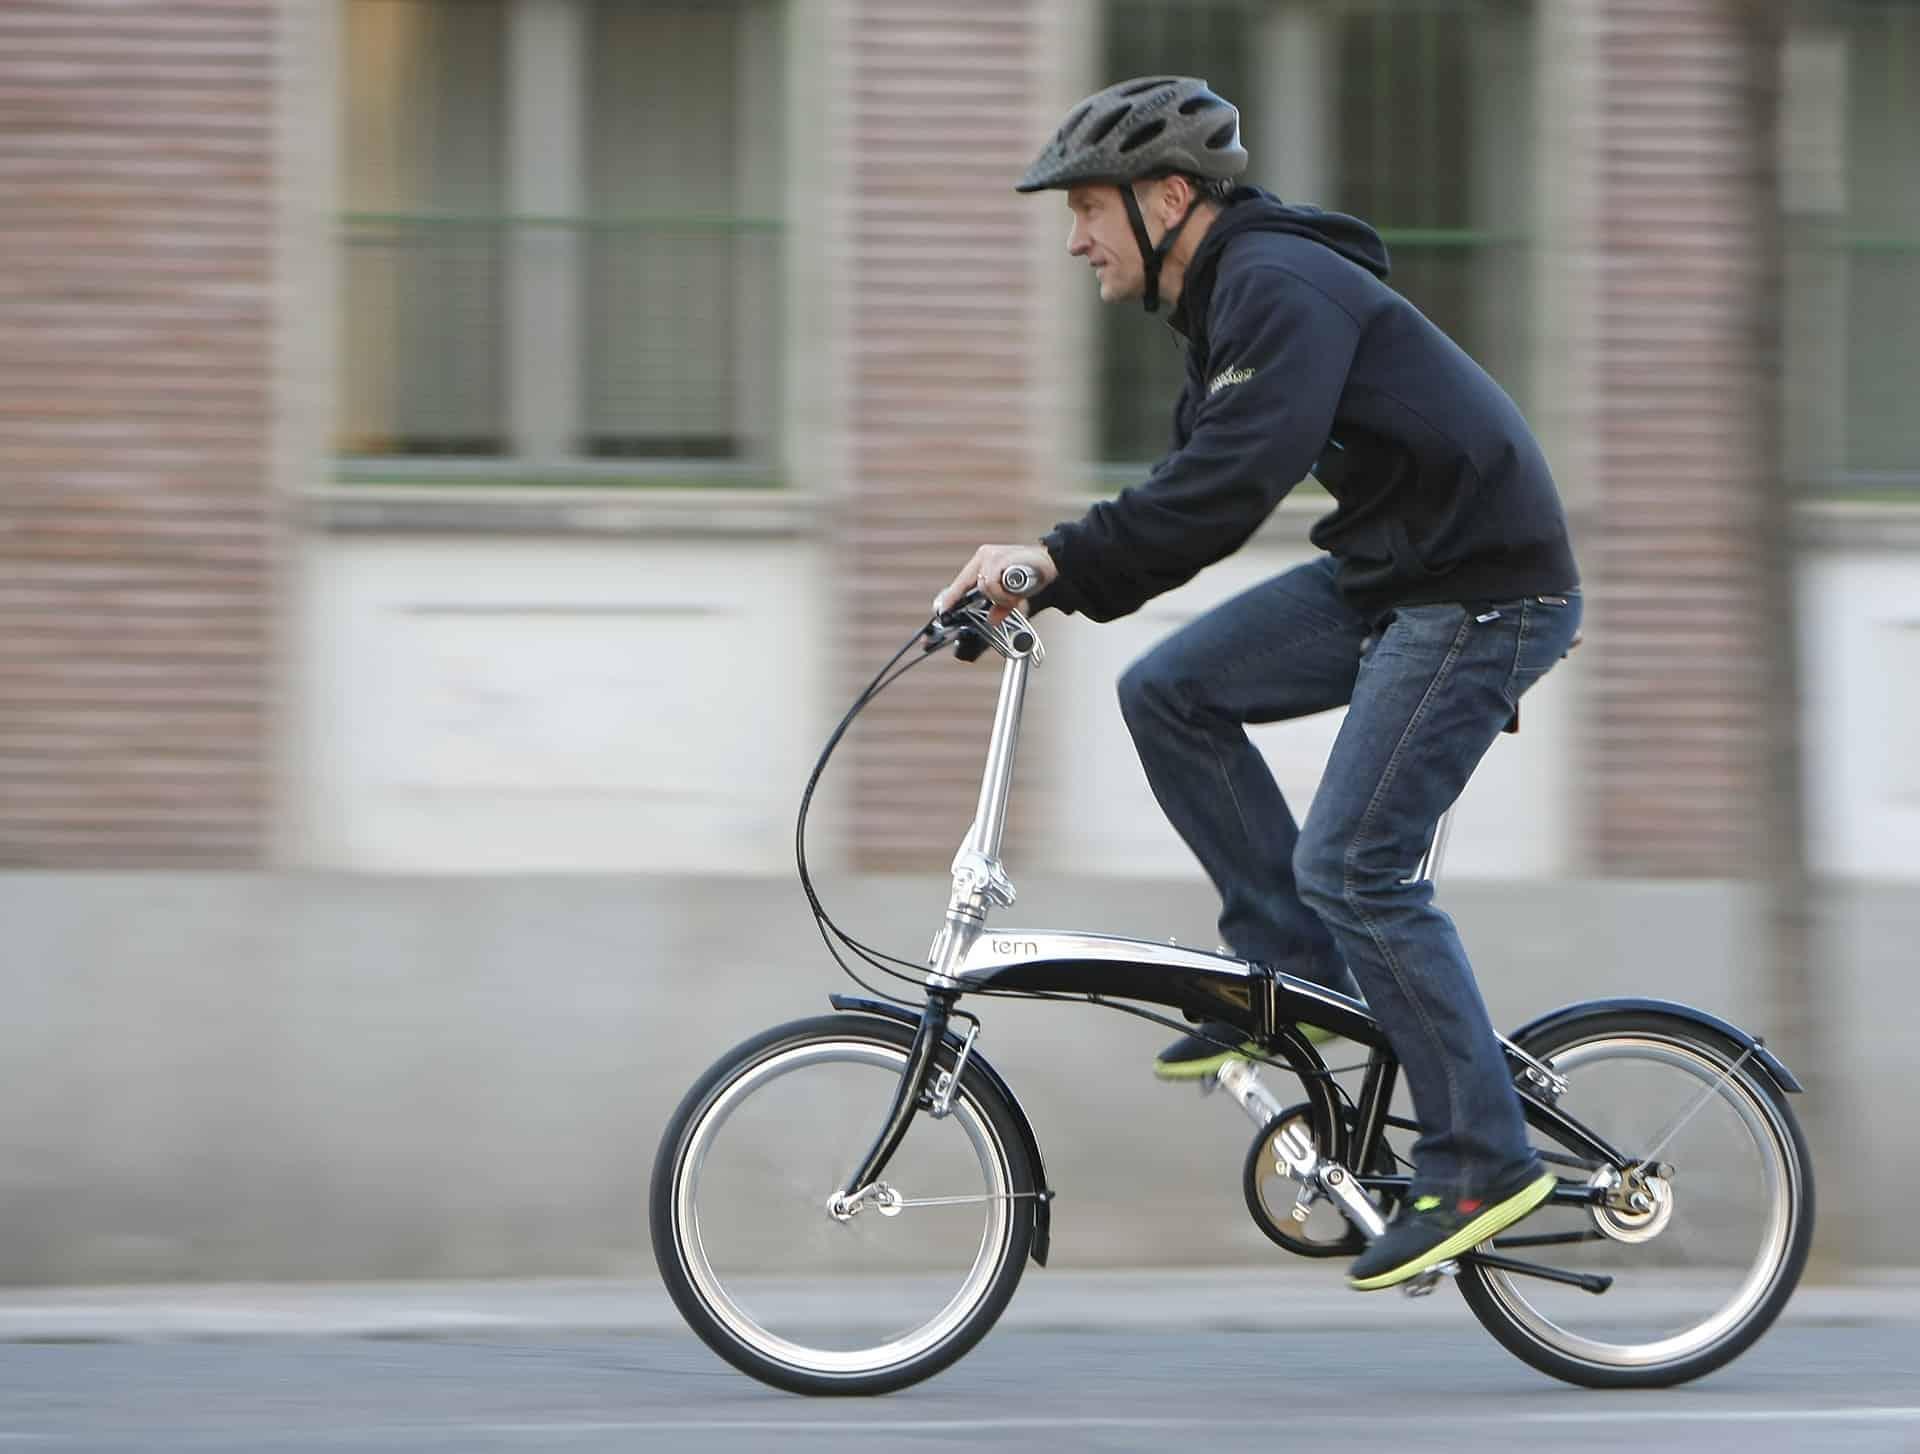 Imagem mostra um senhor pedalando uma bicicleta dobrável em uma rua vazia.